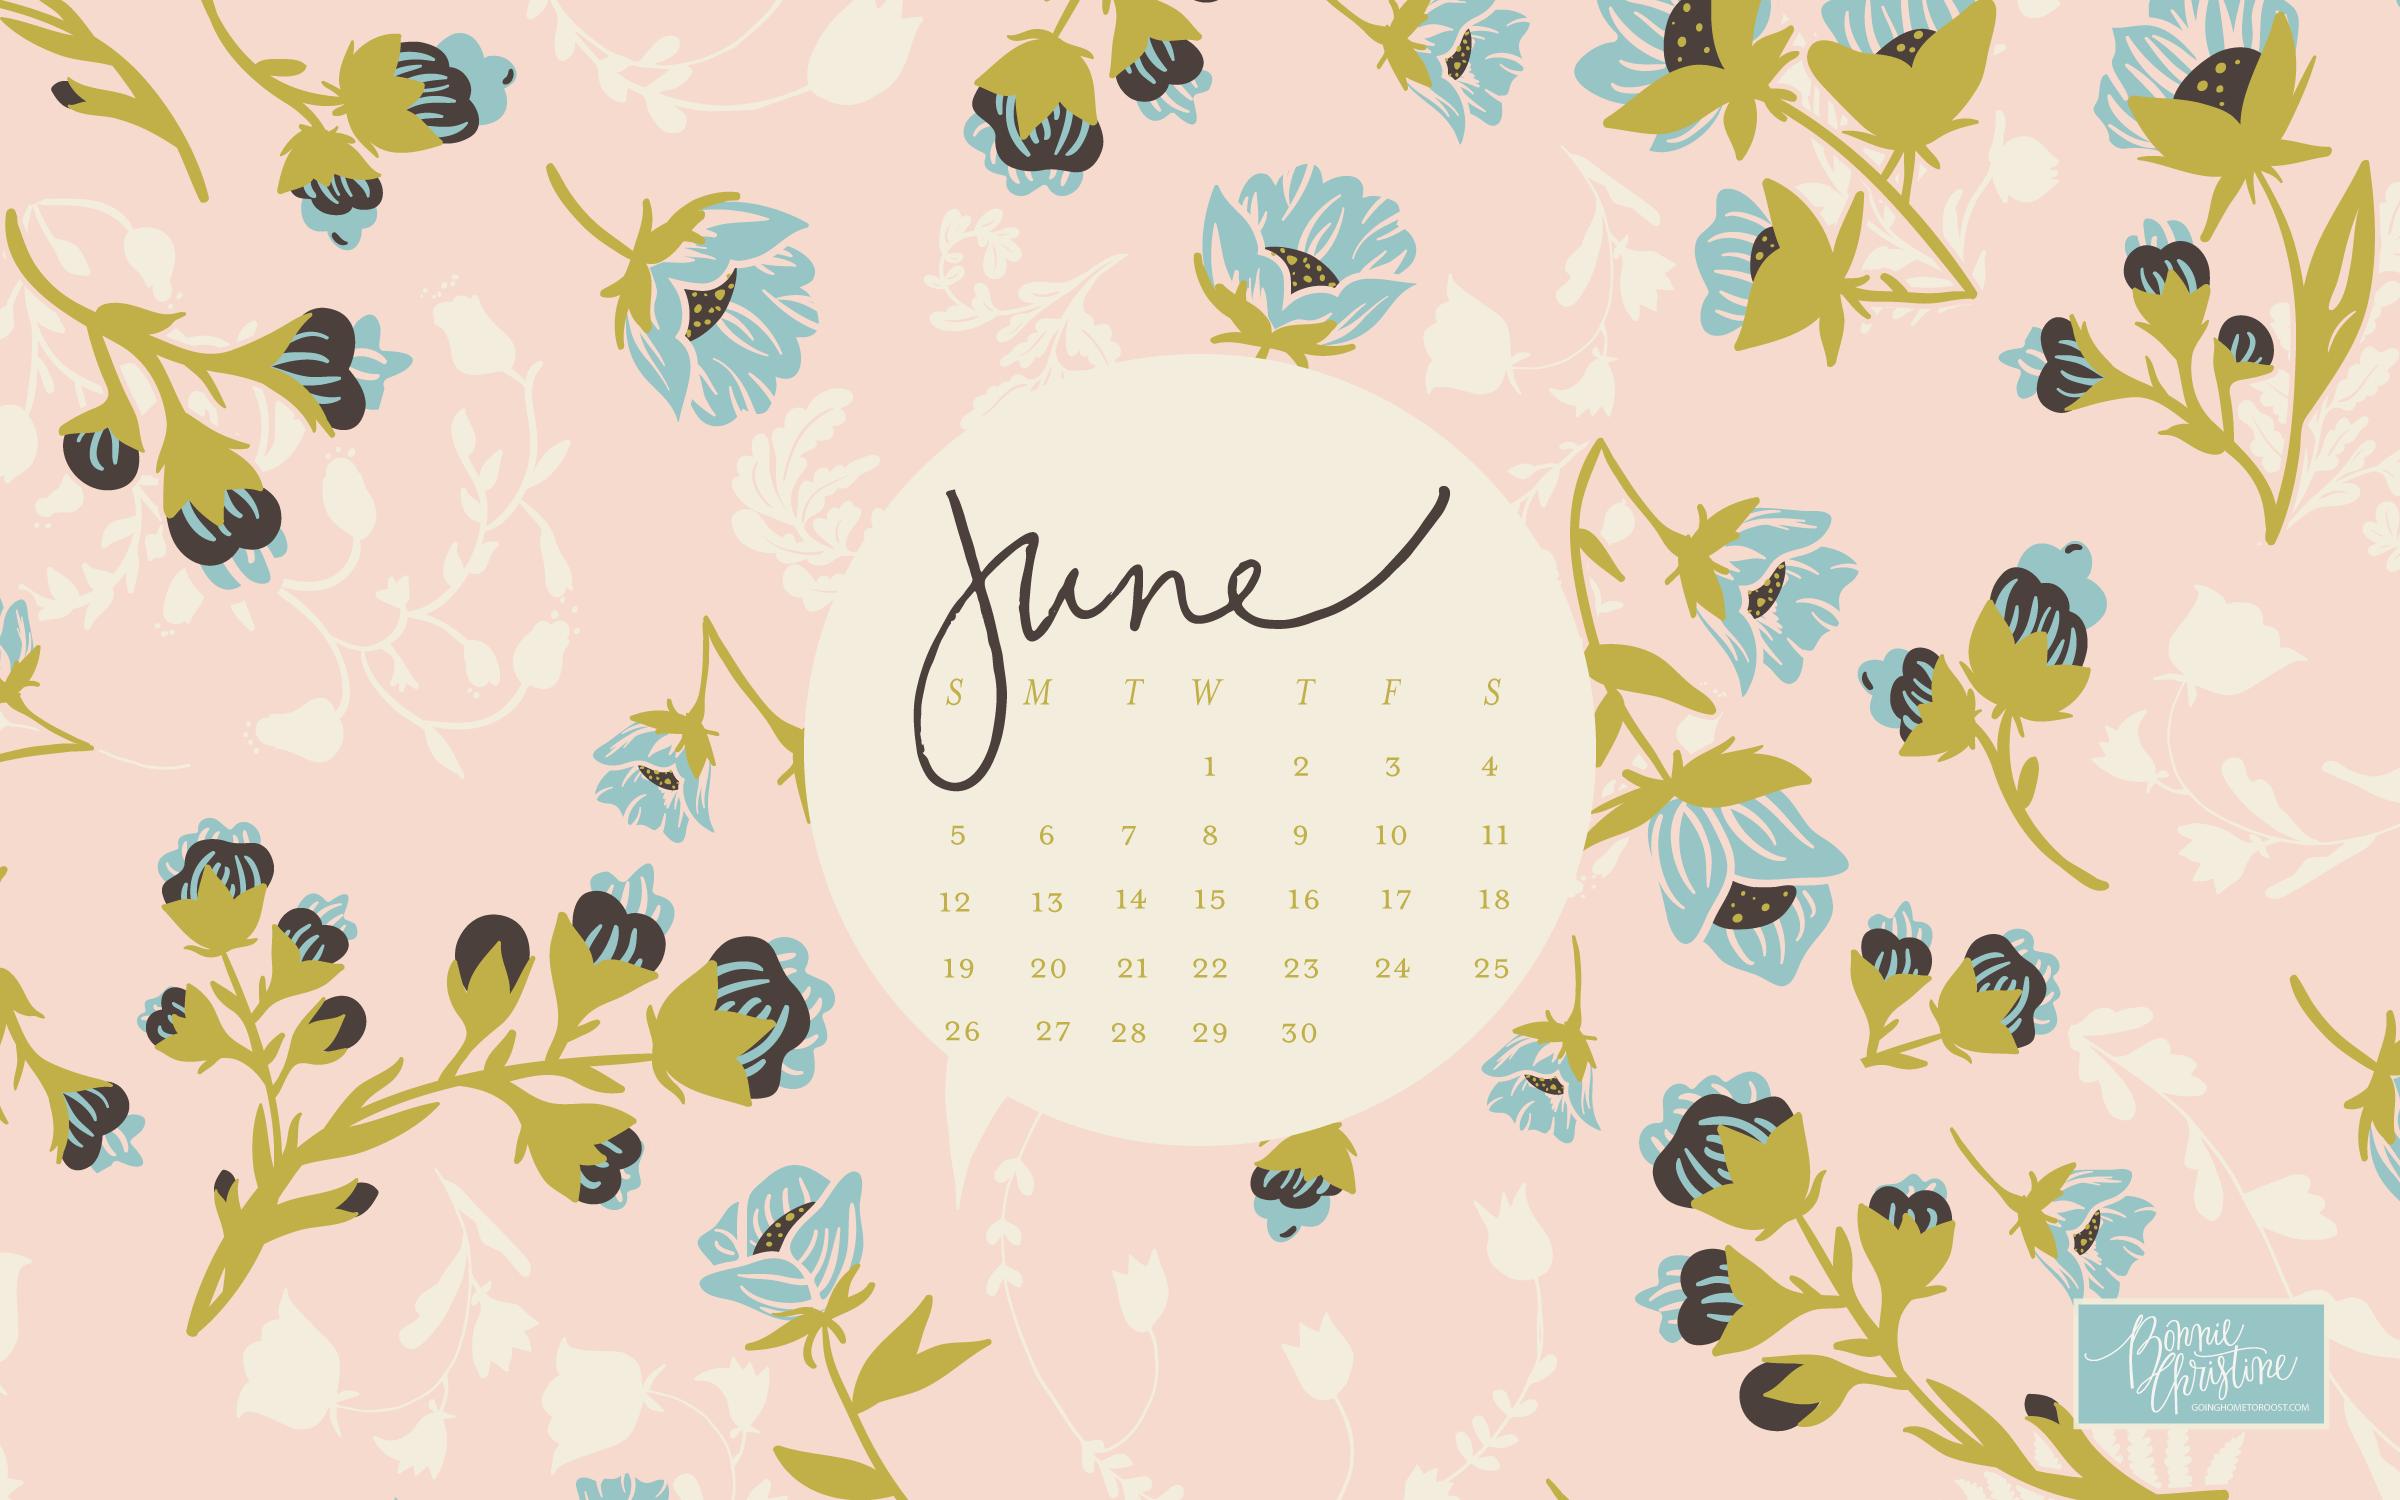 June 2016 Desktop and Smartphone Backgrounds 2400x1500